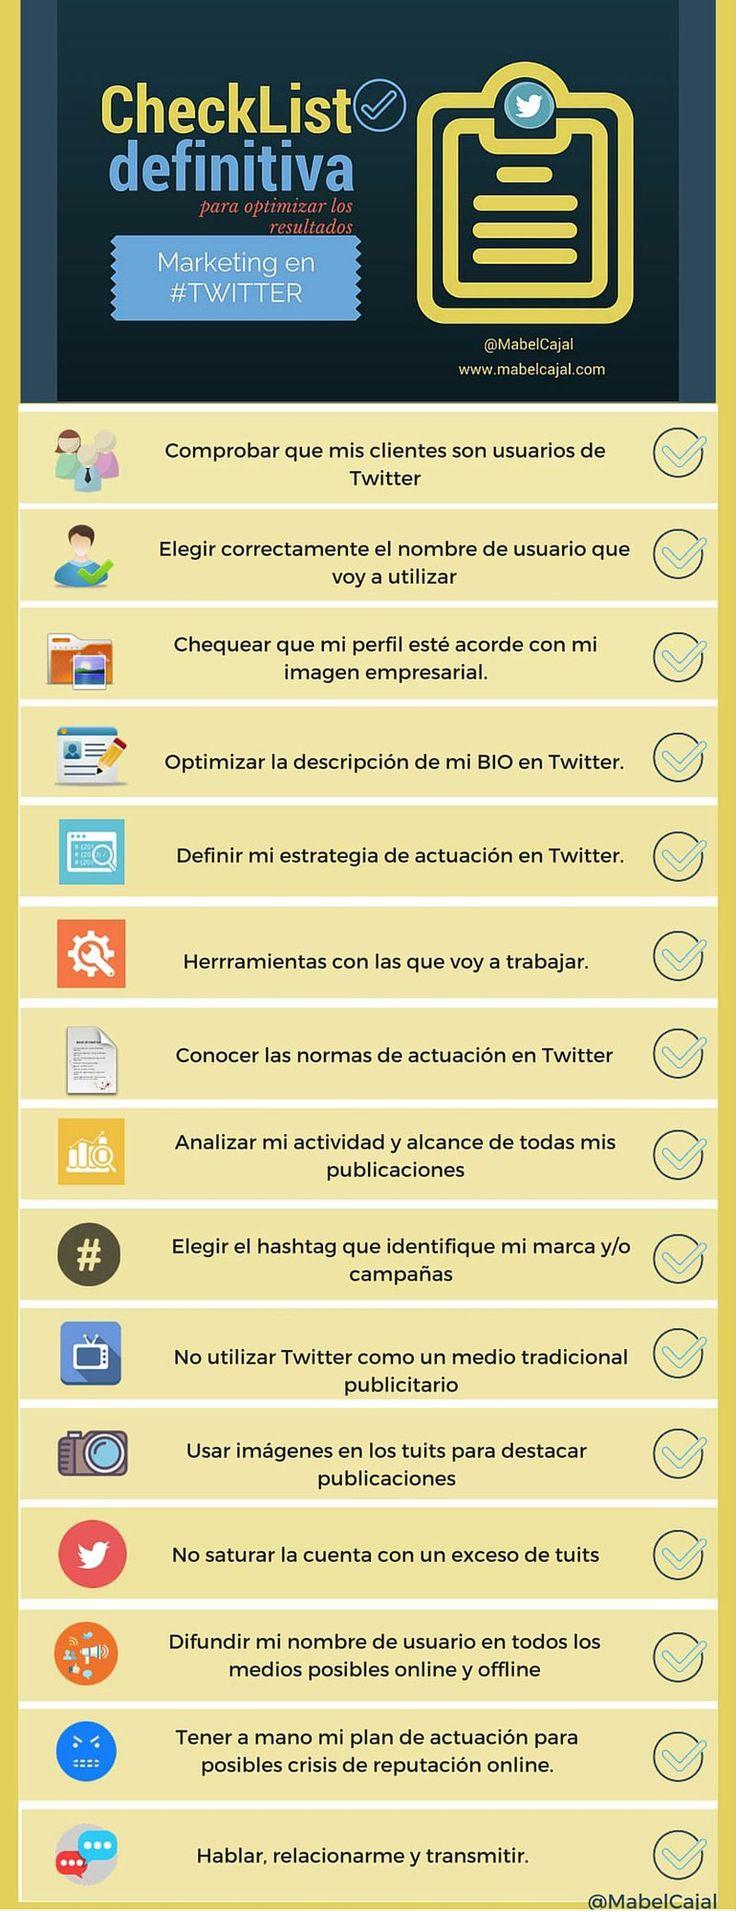 No debes descuidar tu estrategia de Marketing en Twitter. Esta checklist te ayudará a no olvidar todos los aspectos y elementos que debes revisar.